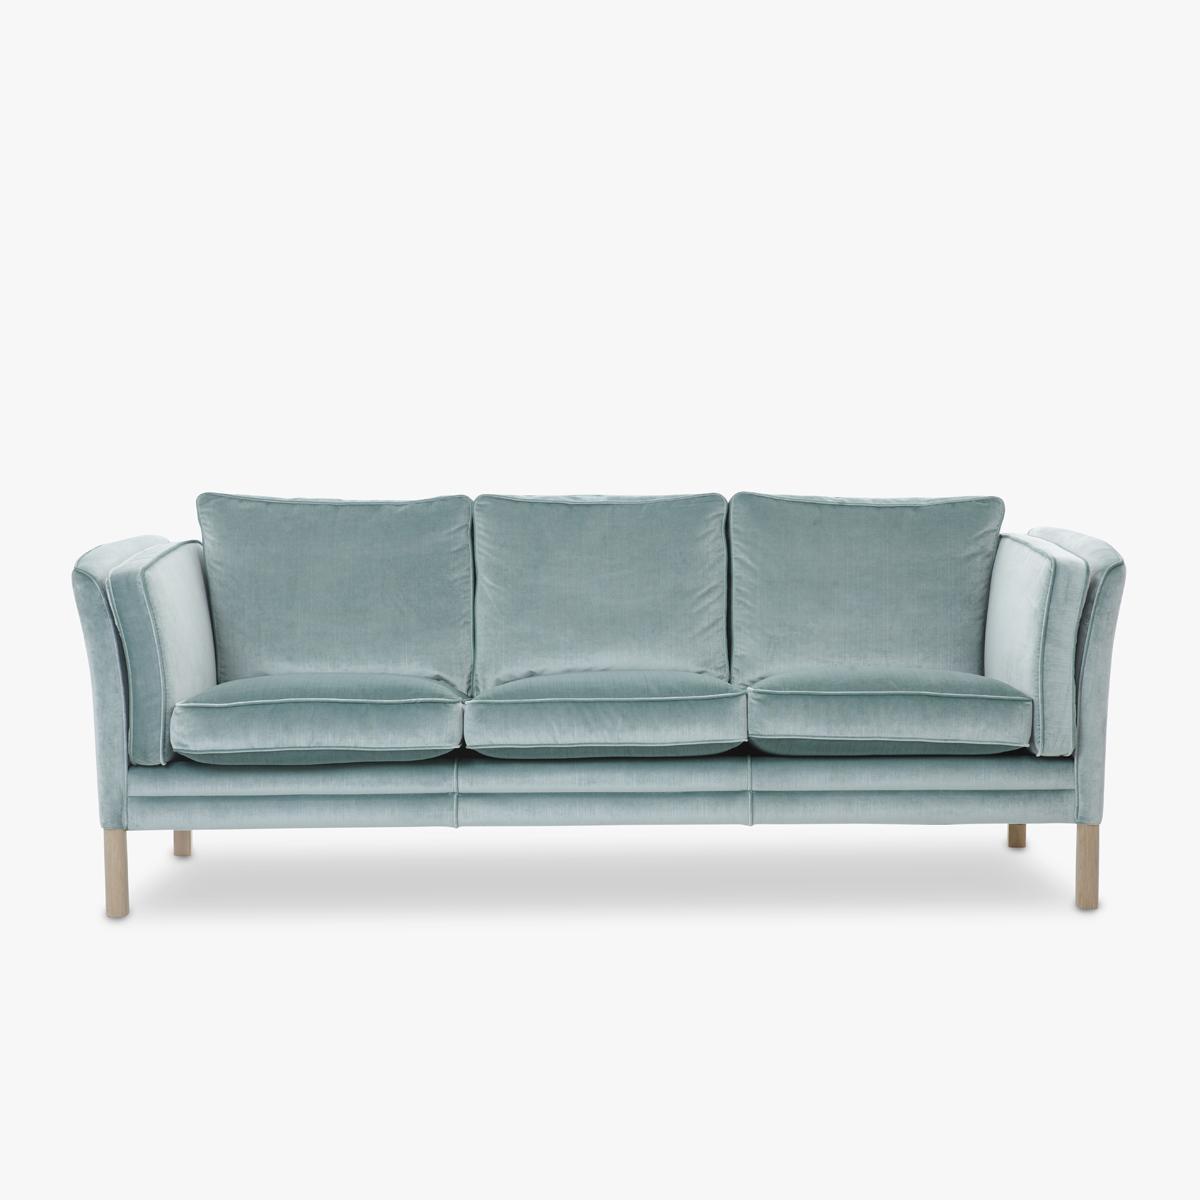 Charming Klassik Sofa Fabric Velvet Front 1200